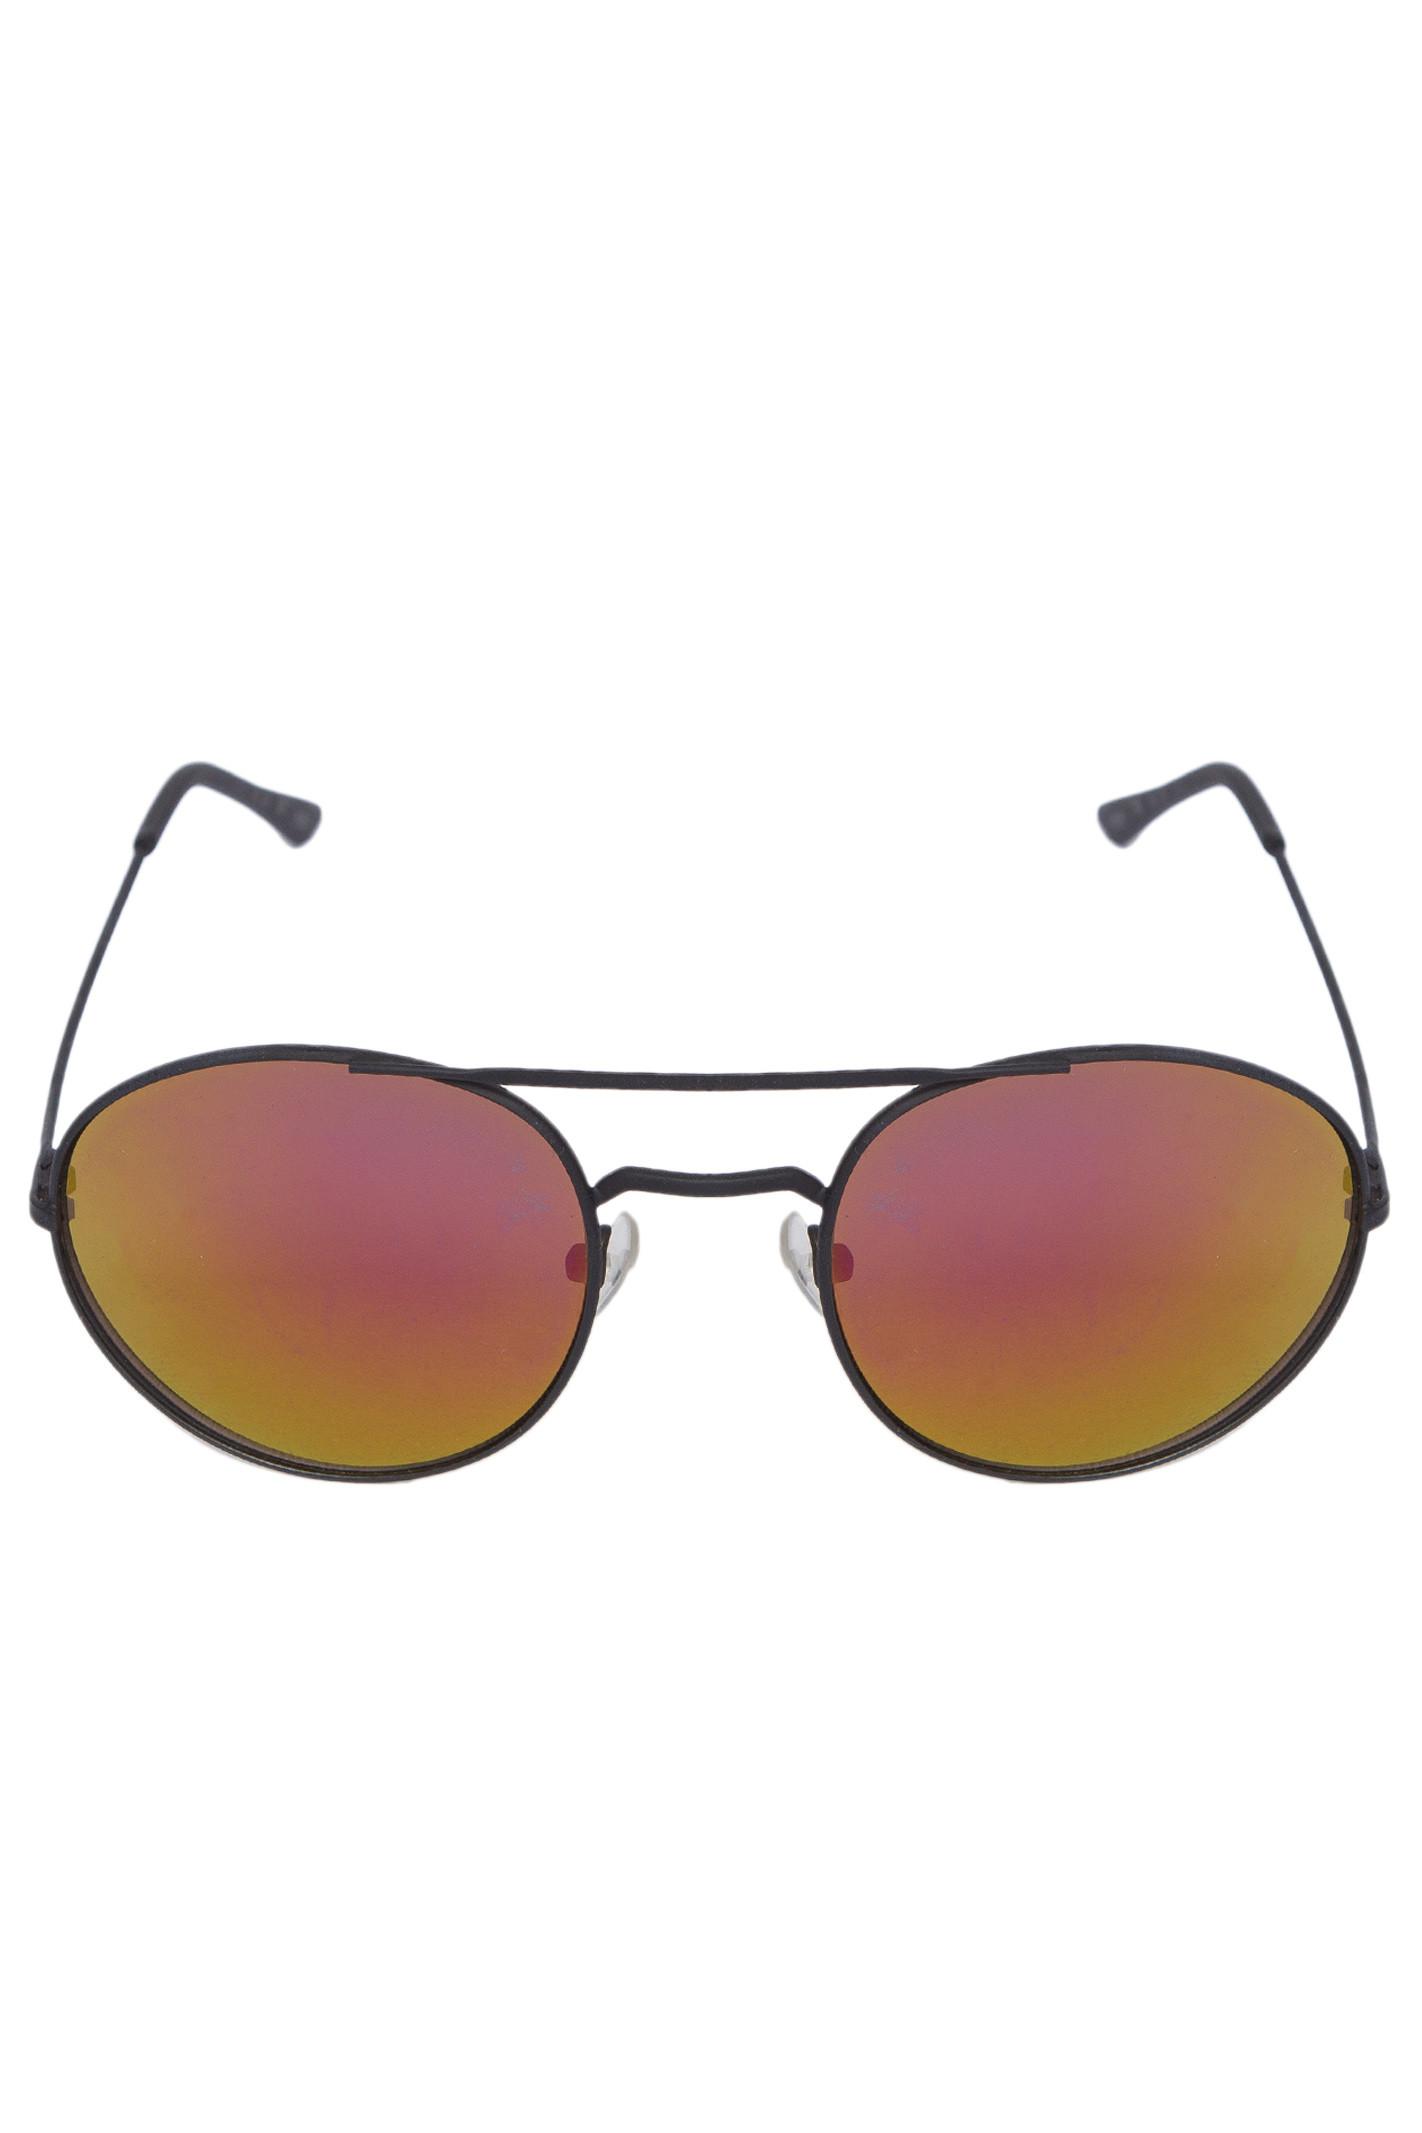 Óculos Mafe - Preto